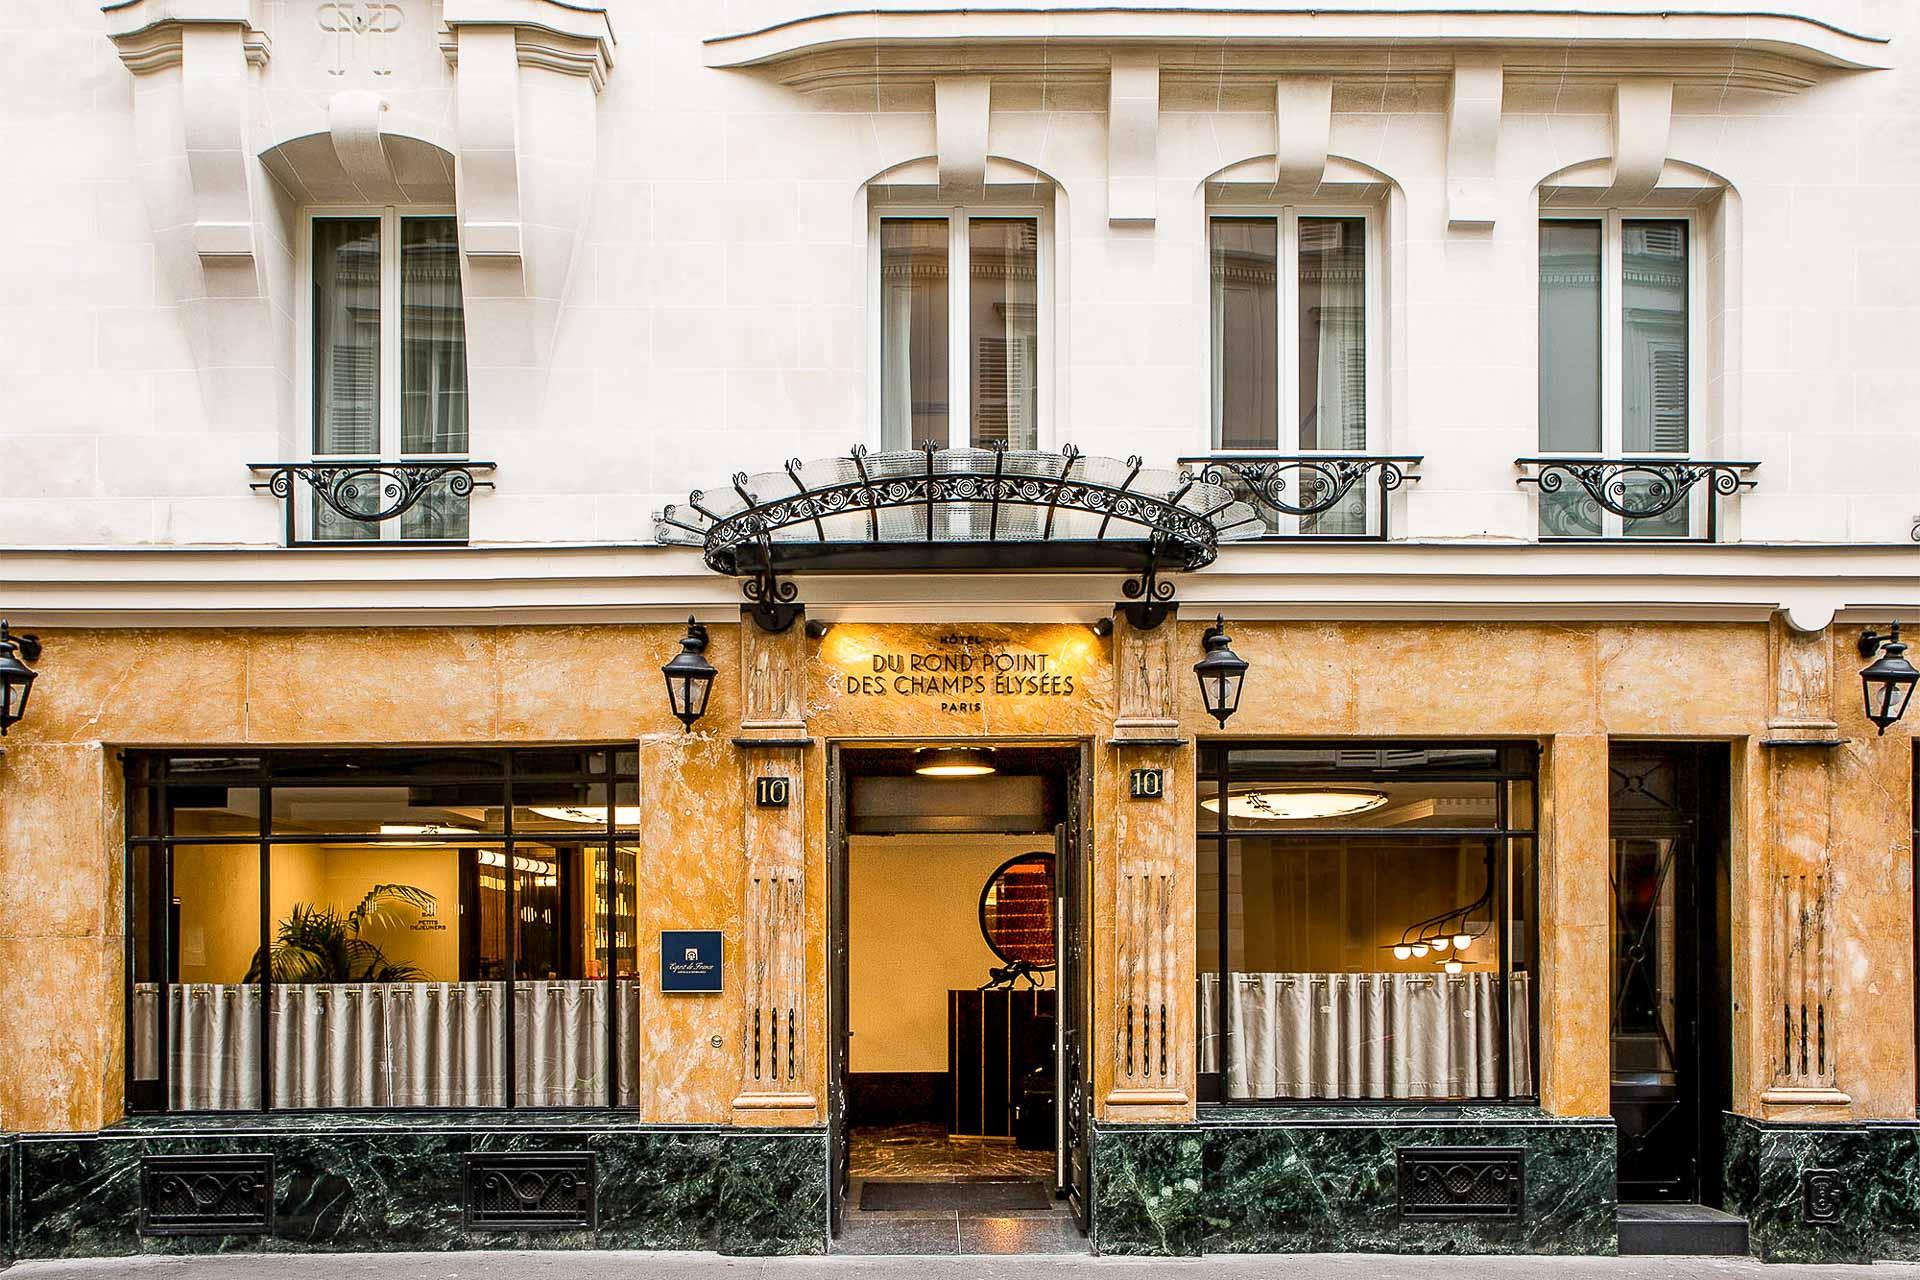 À deux pas de l'effervescence de la plus célèbre avenue parisienne, l'Hôtel du Rond-Point des Champs-Élysées s'impose comme un précieux havre de paix, déployant de belles chambres avec vue sur Paris, un décor léché et une jolie piscine intérieure. Visite guidée.